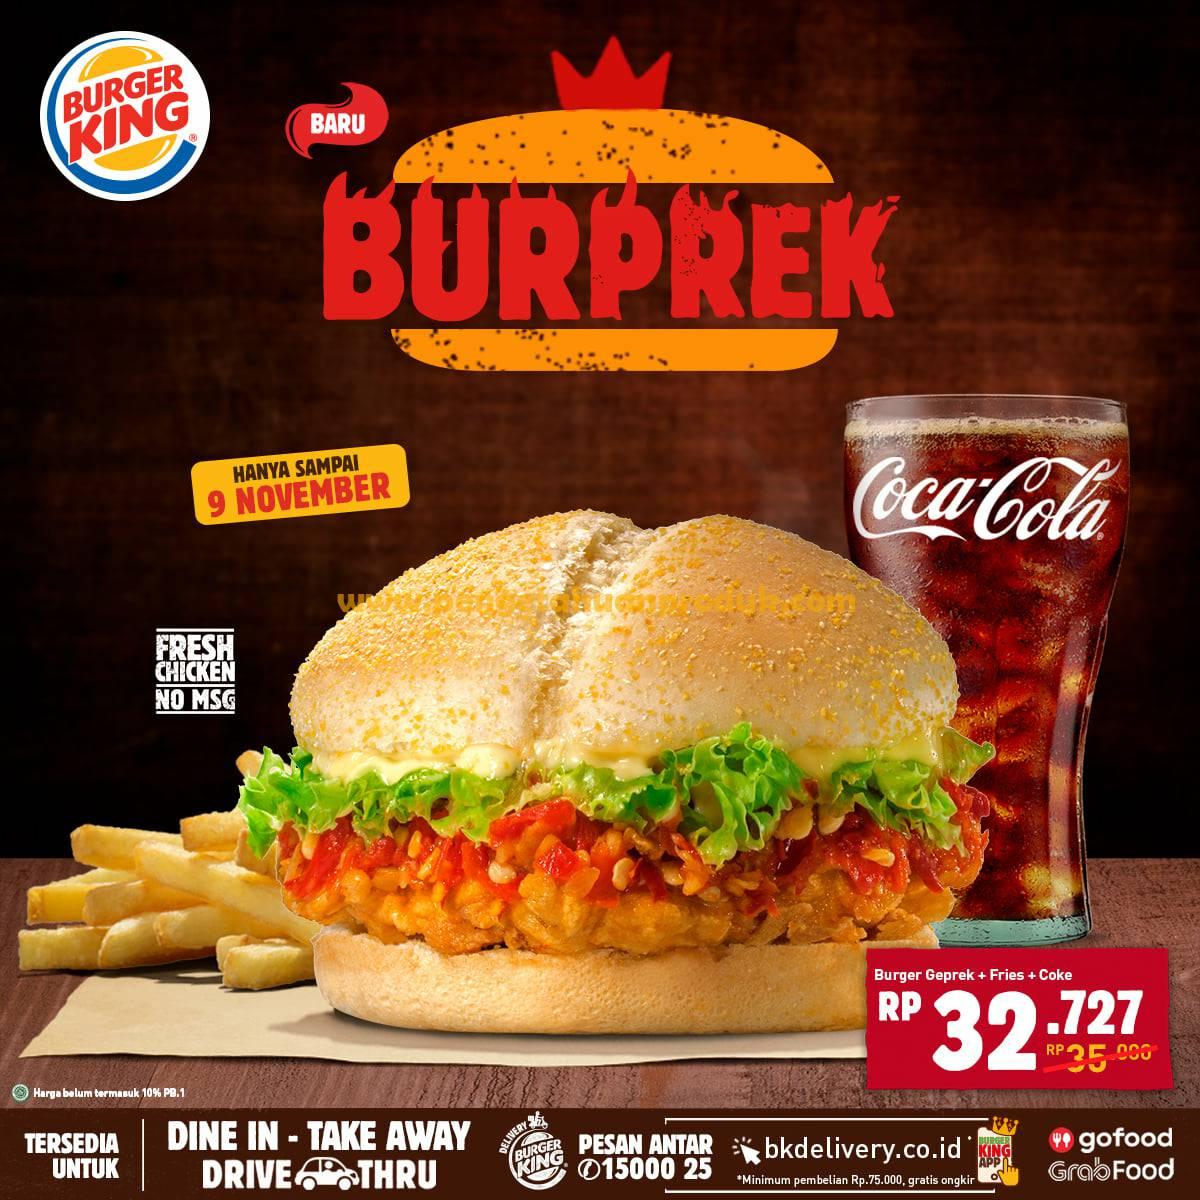 Promo Burger King Paket BUPREK 2 Burger Geprek cuma 40RB